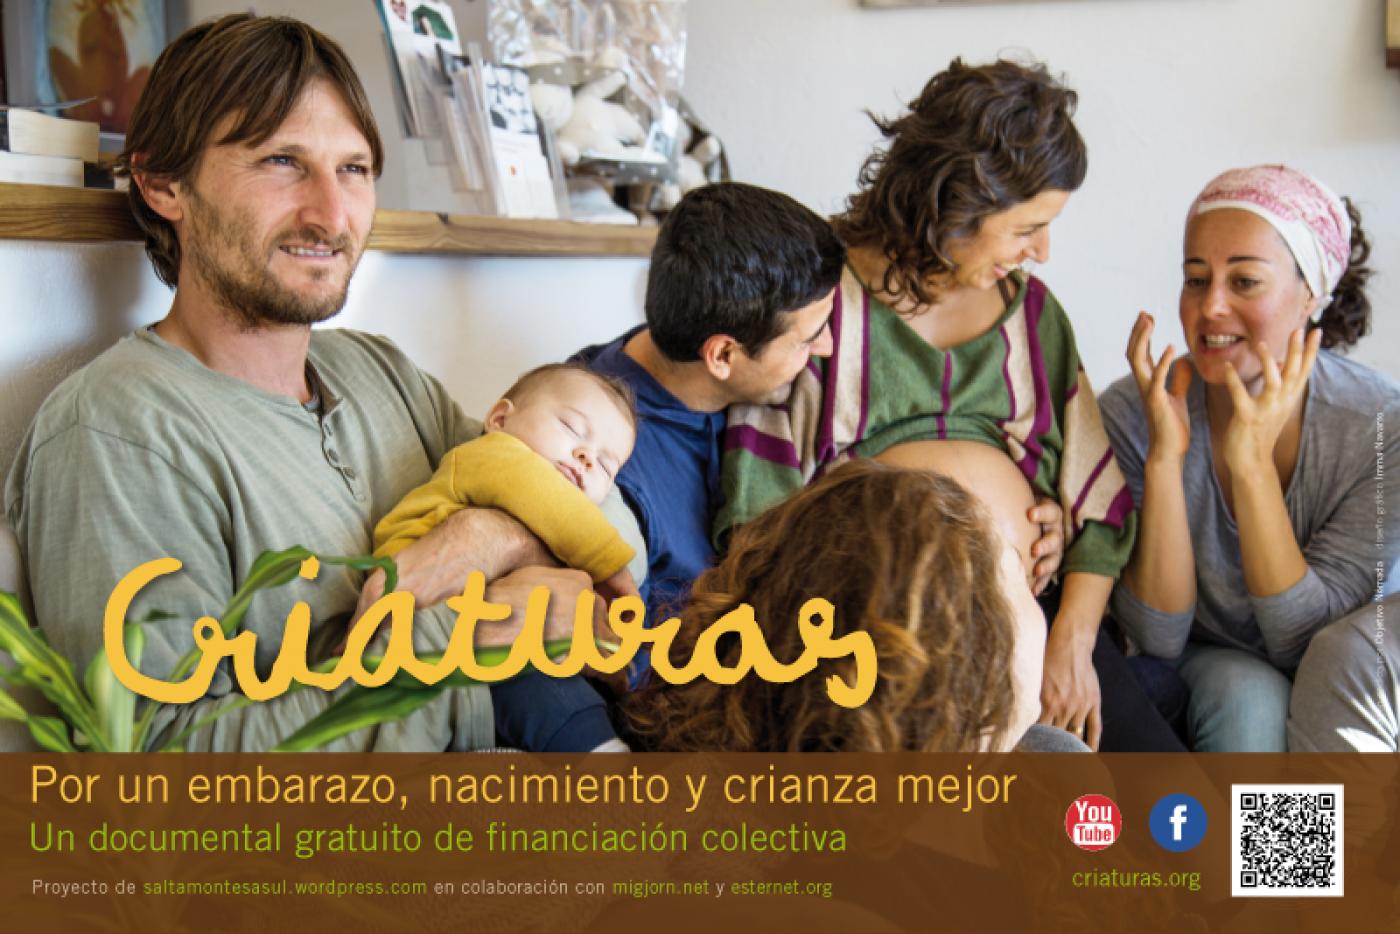 CRIATURAS.org